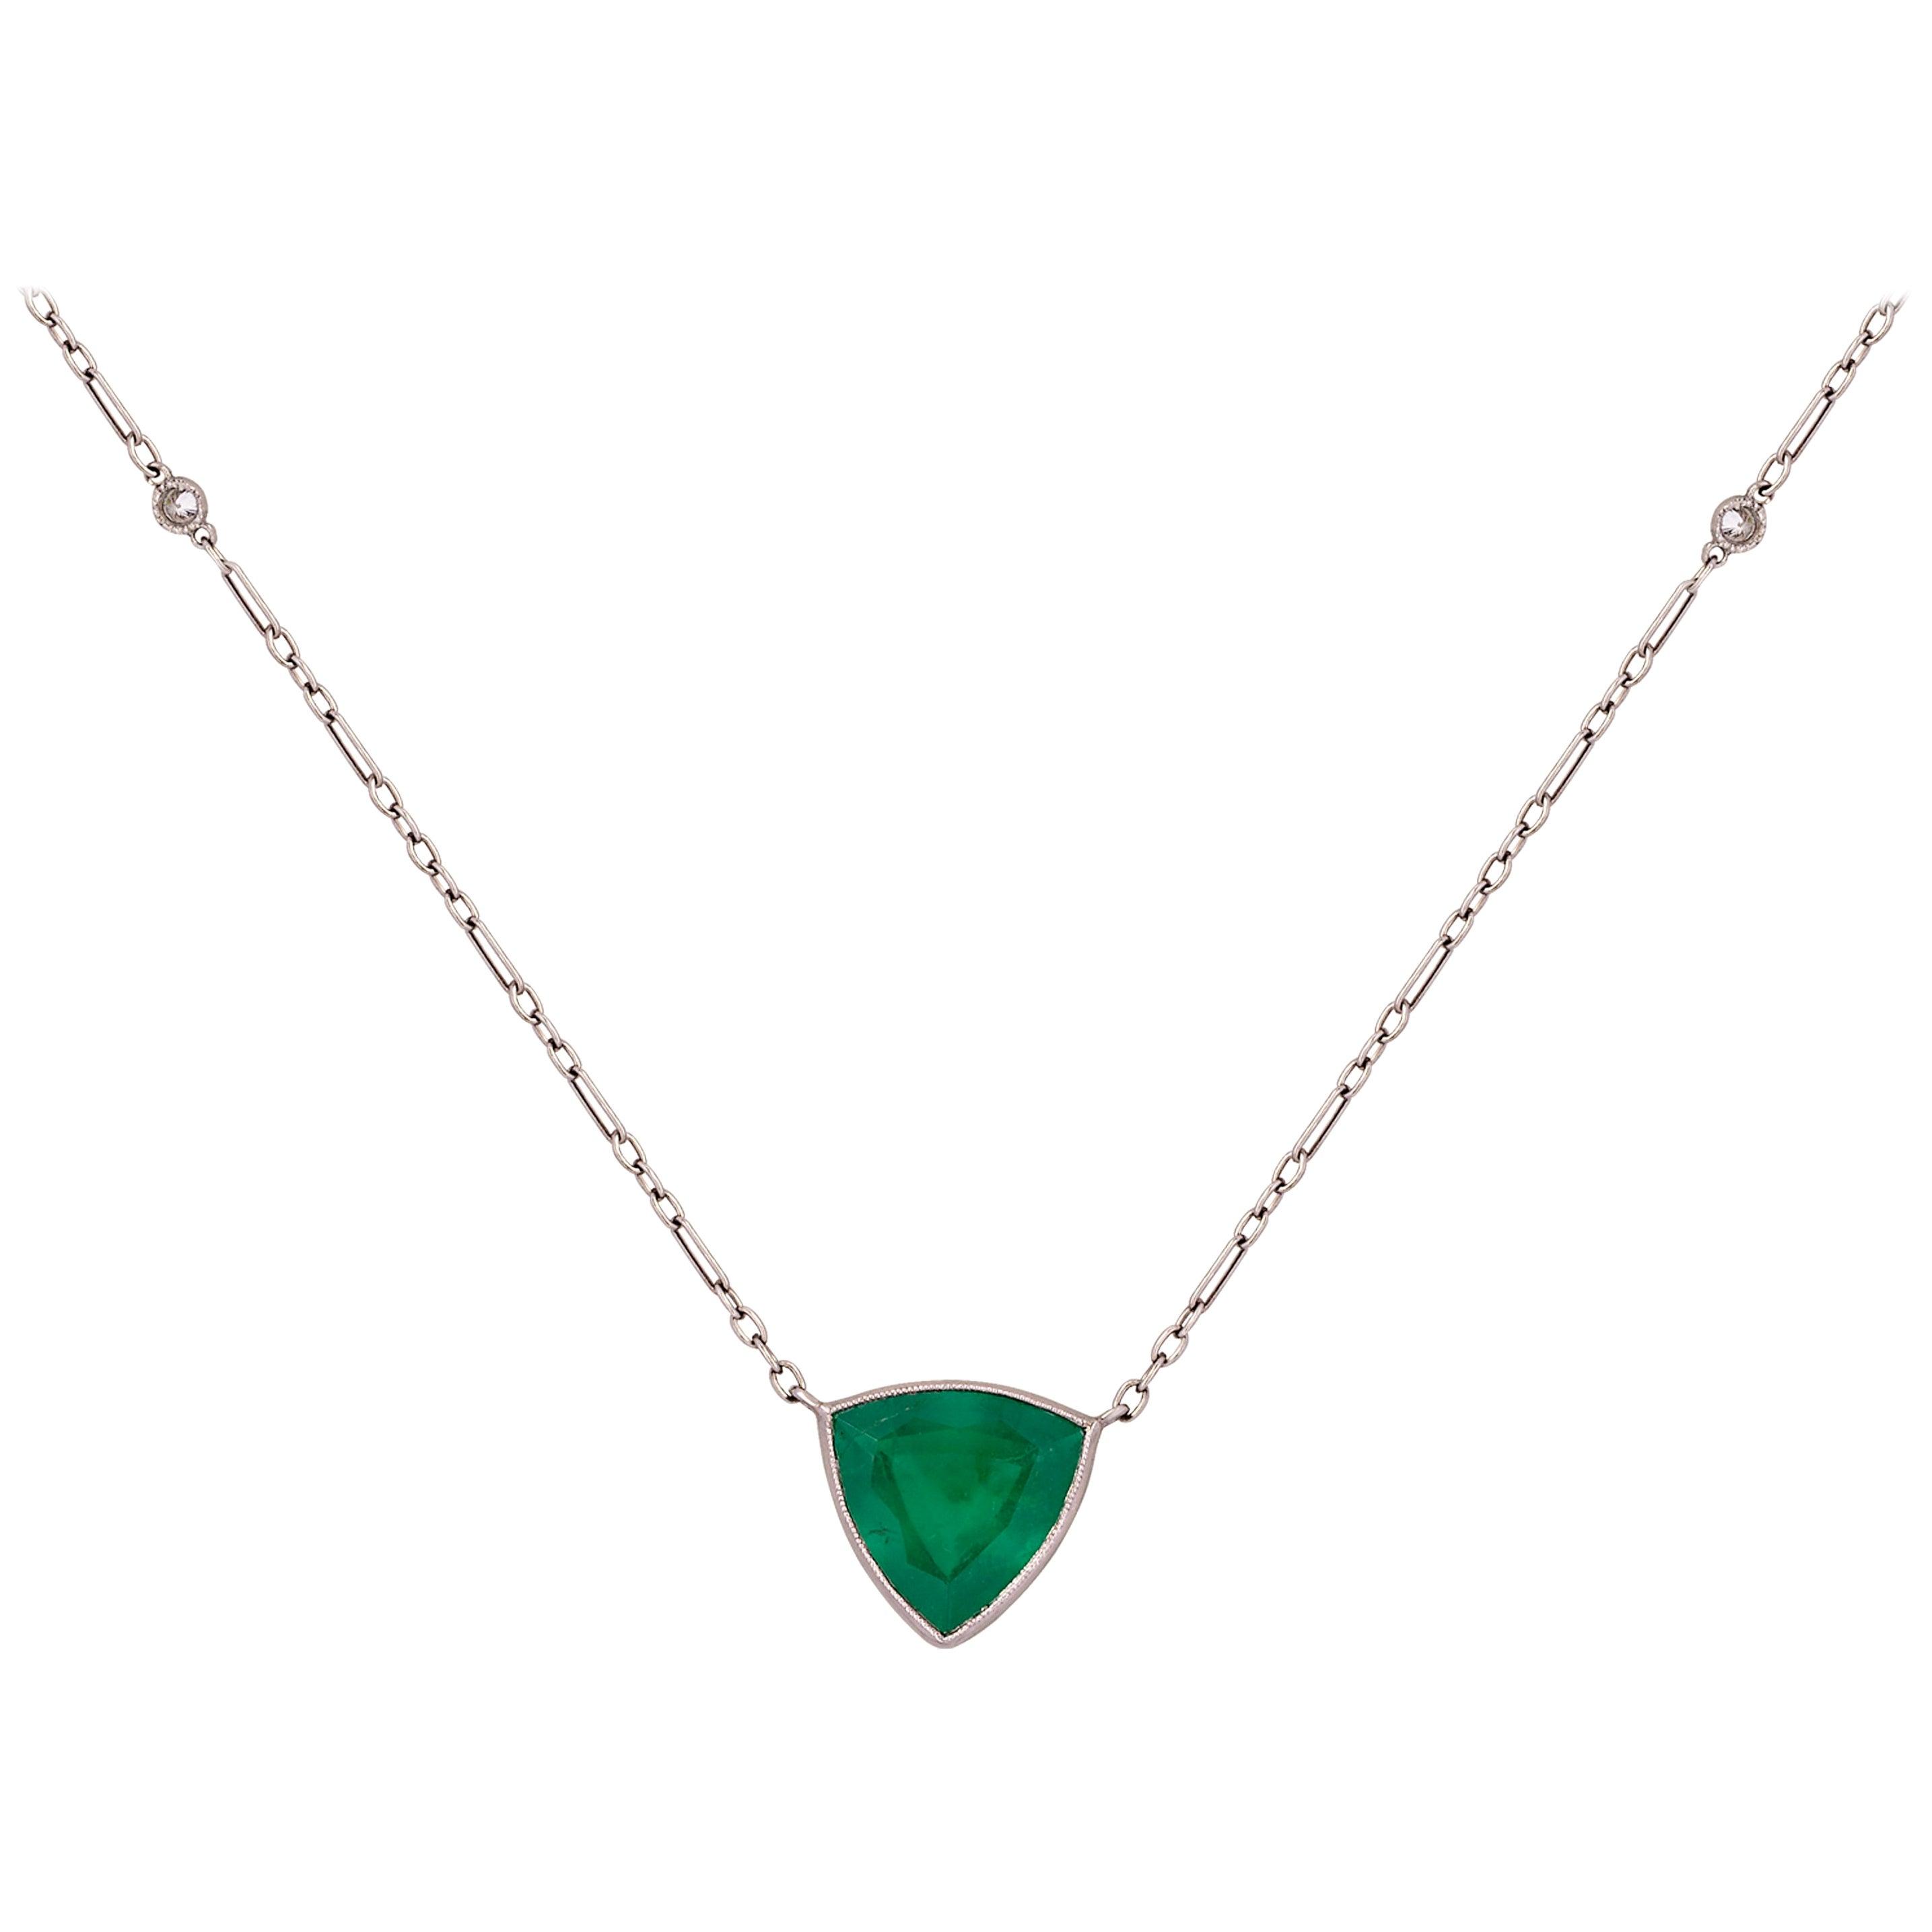 4.31 Carat Trillion Emerald and Diamond Antique Inspired Platinum Chain